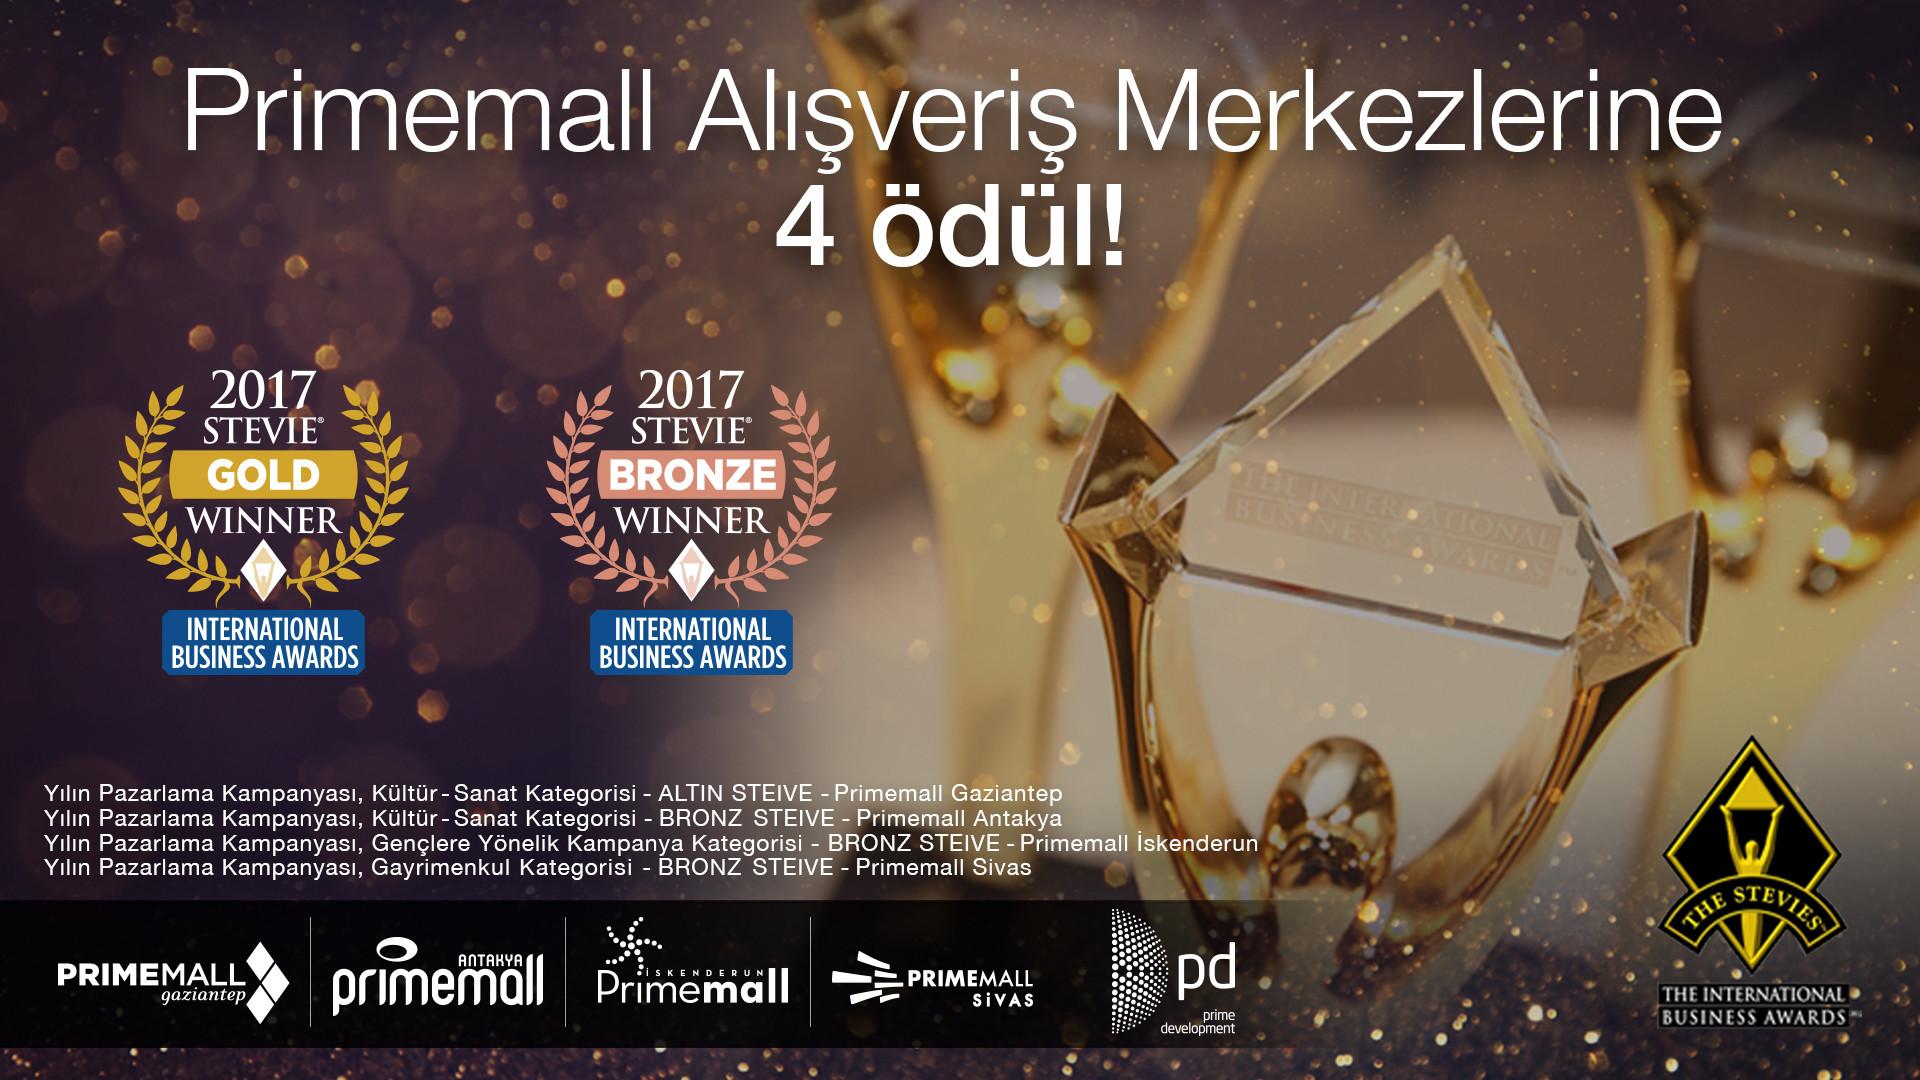 Primemall Alışveriş Merkezlerine 4 Ödül